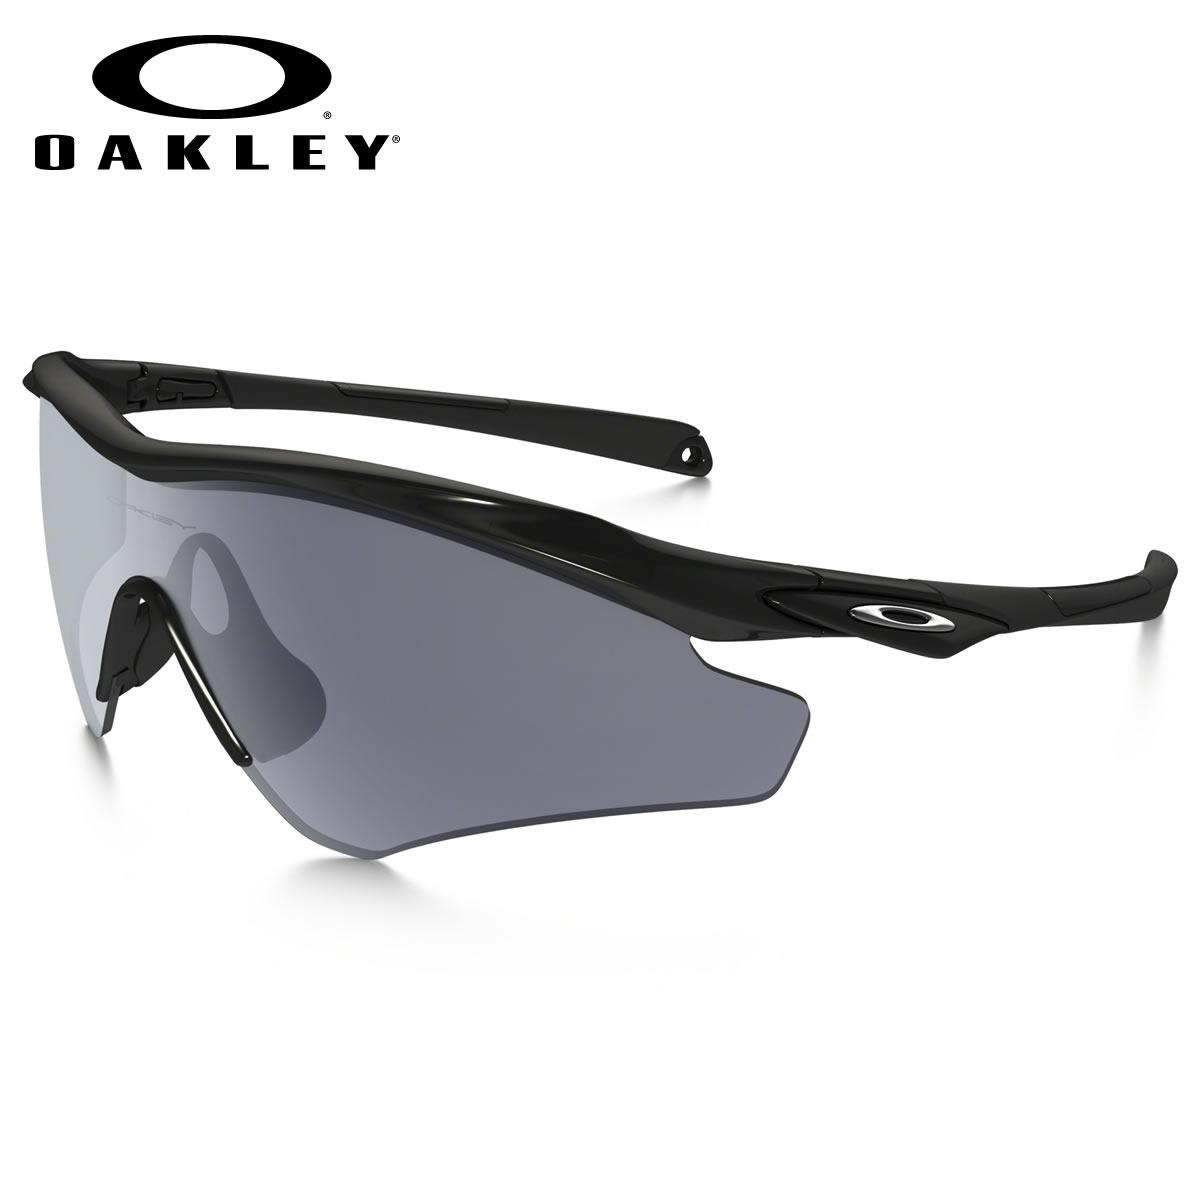 ポイント最大42倍!!お得なクーポンも !! オークリー サングラス M2フレーム XL OAKLEY OO9345-01 M2 FRAME XL ASIA FIT Polished Black / Gray オークレー アジアンフィット メンズ レディース